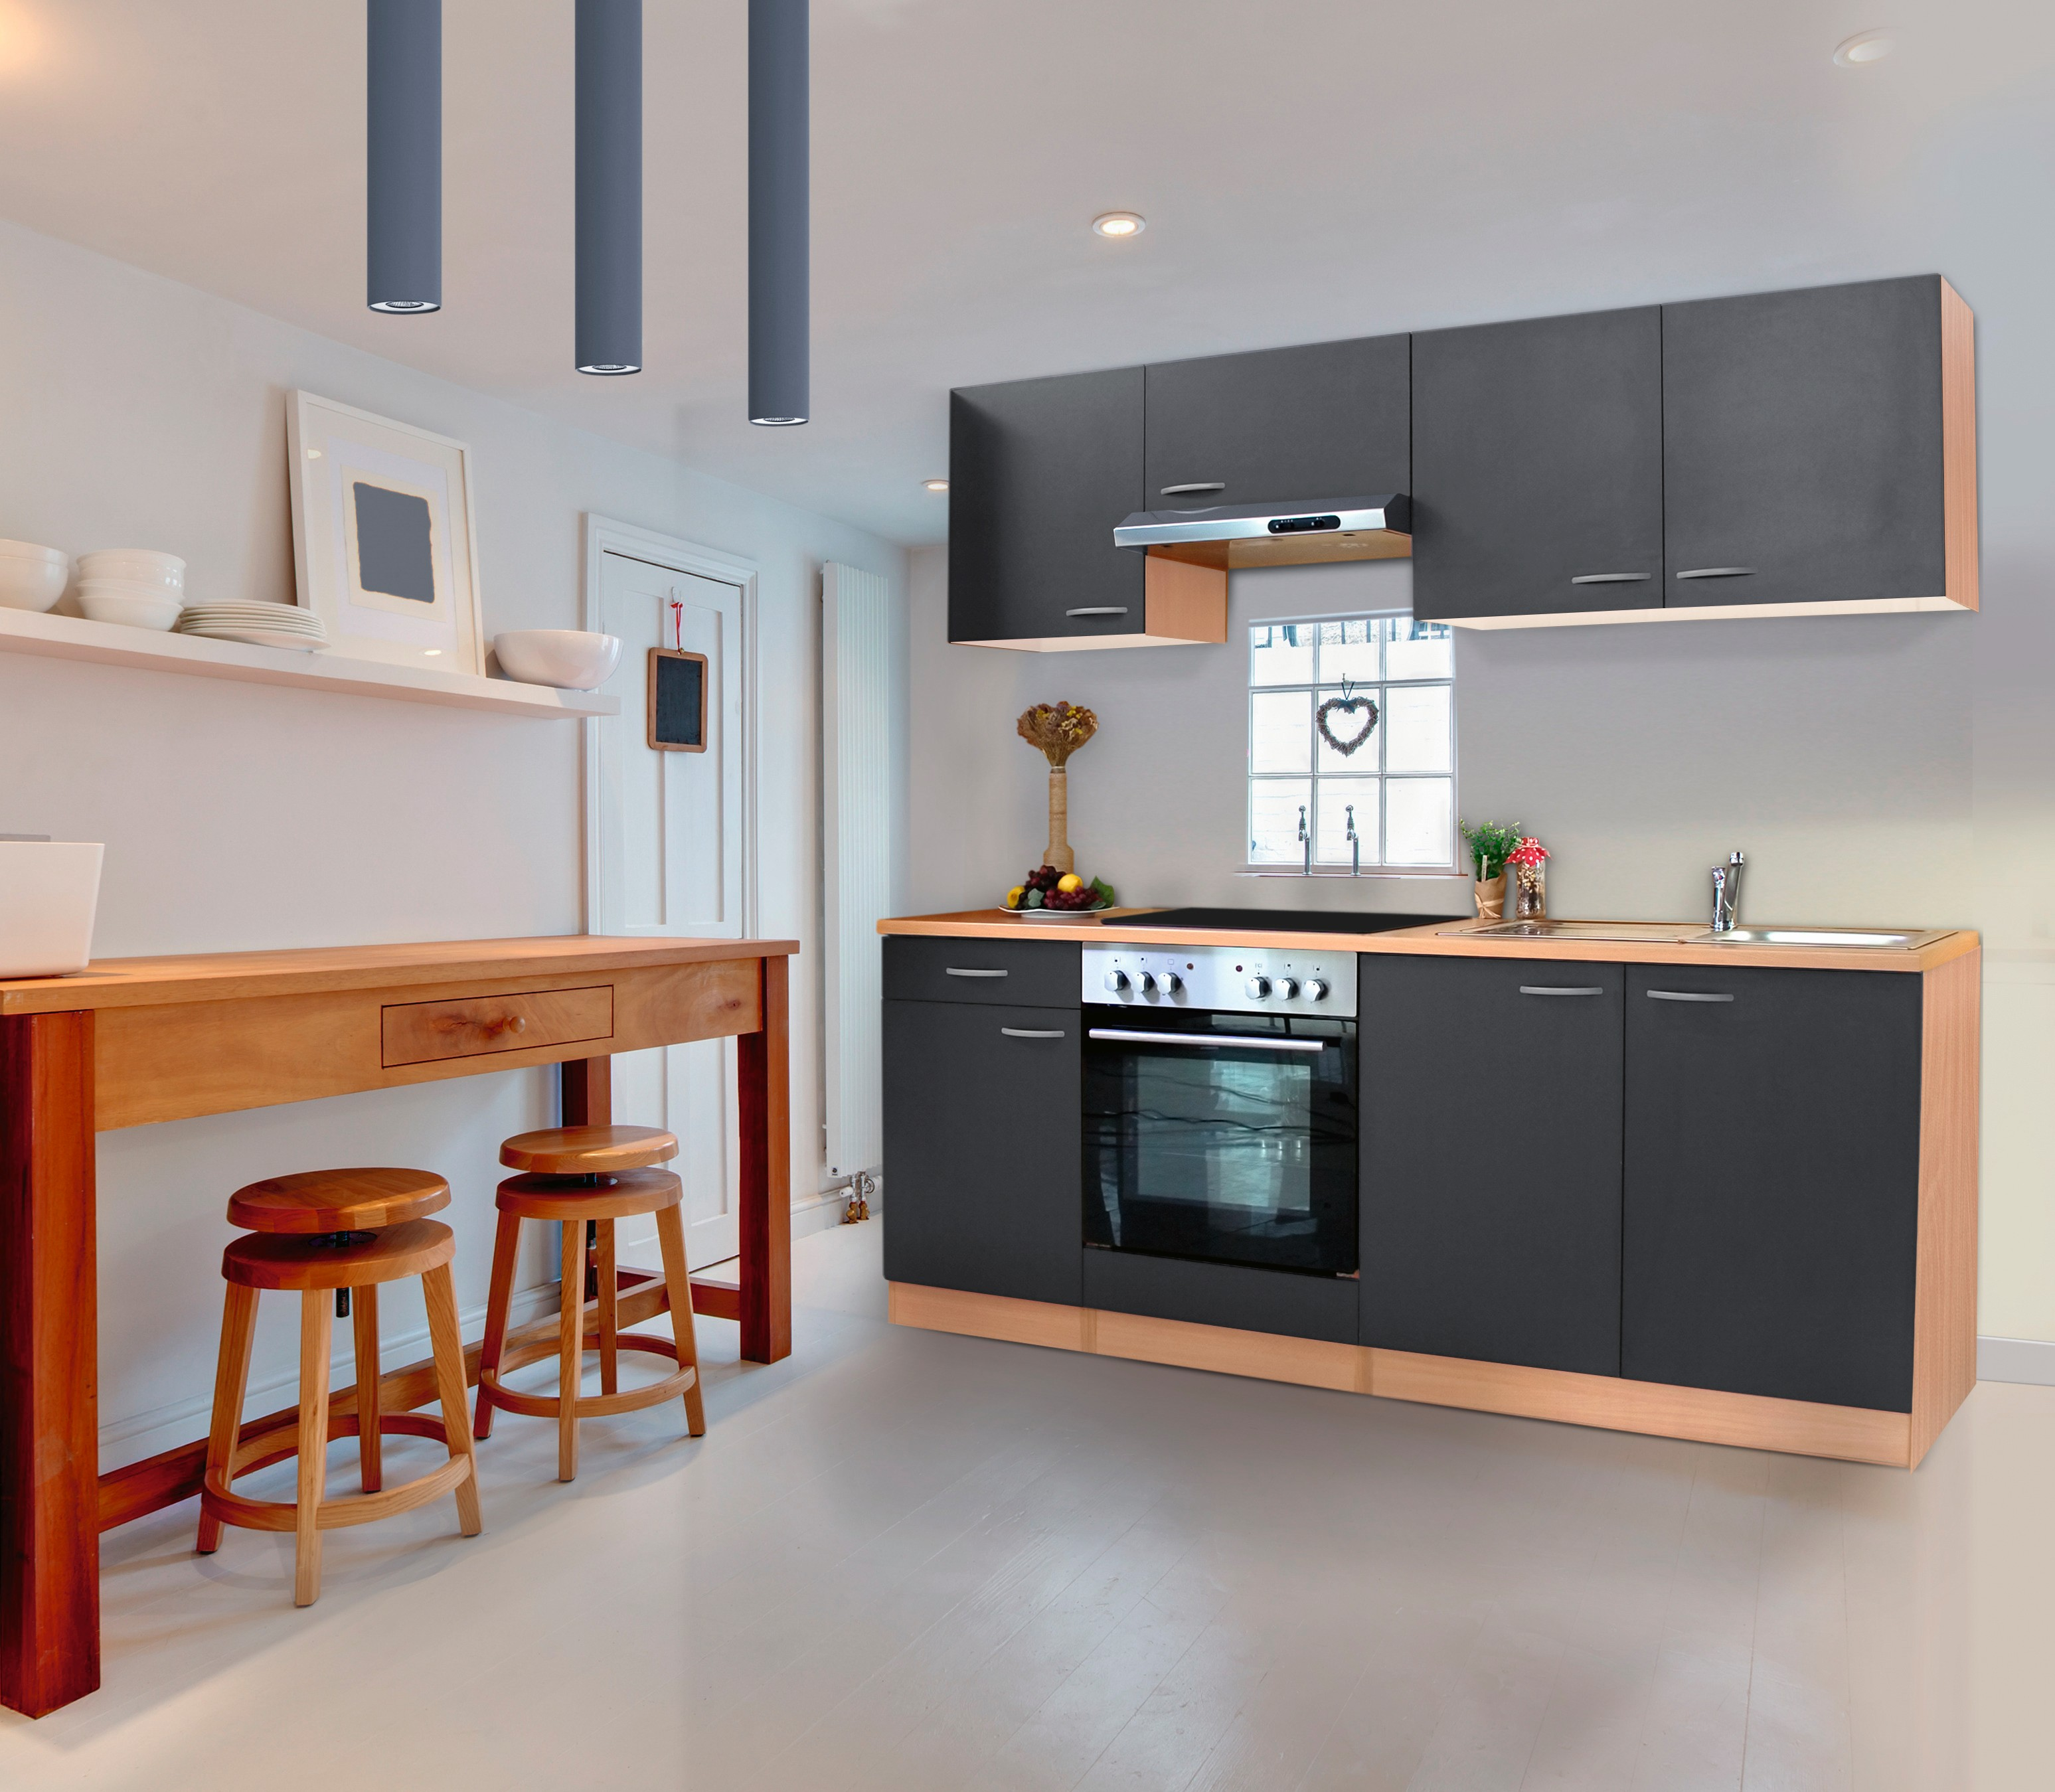 respekta Küche Küchenzeile Einbauküche Küchenblock Komplett 210 cm Buche grau